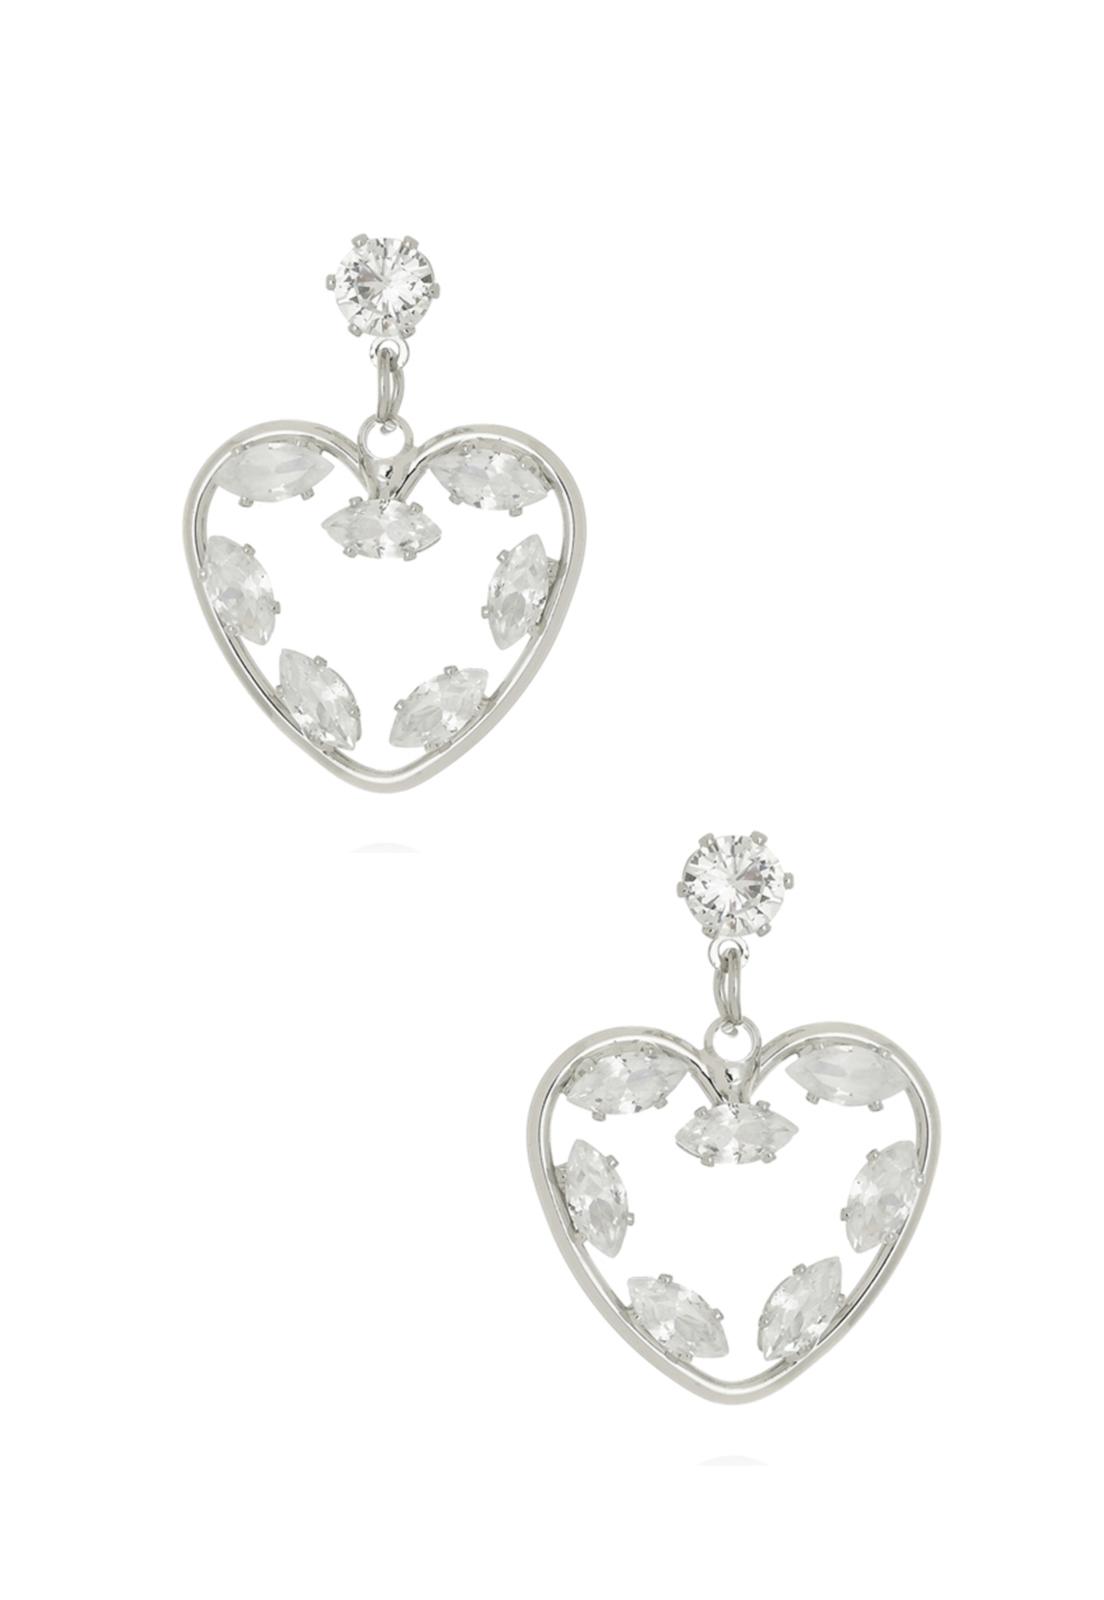 Brinco Le Diamond Coração c/ Zircônias Ródio Branco